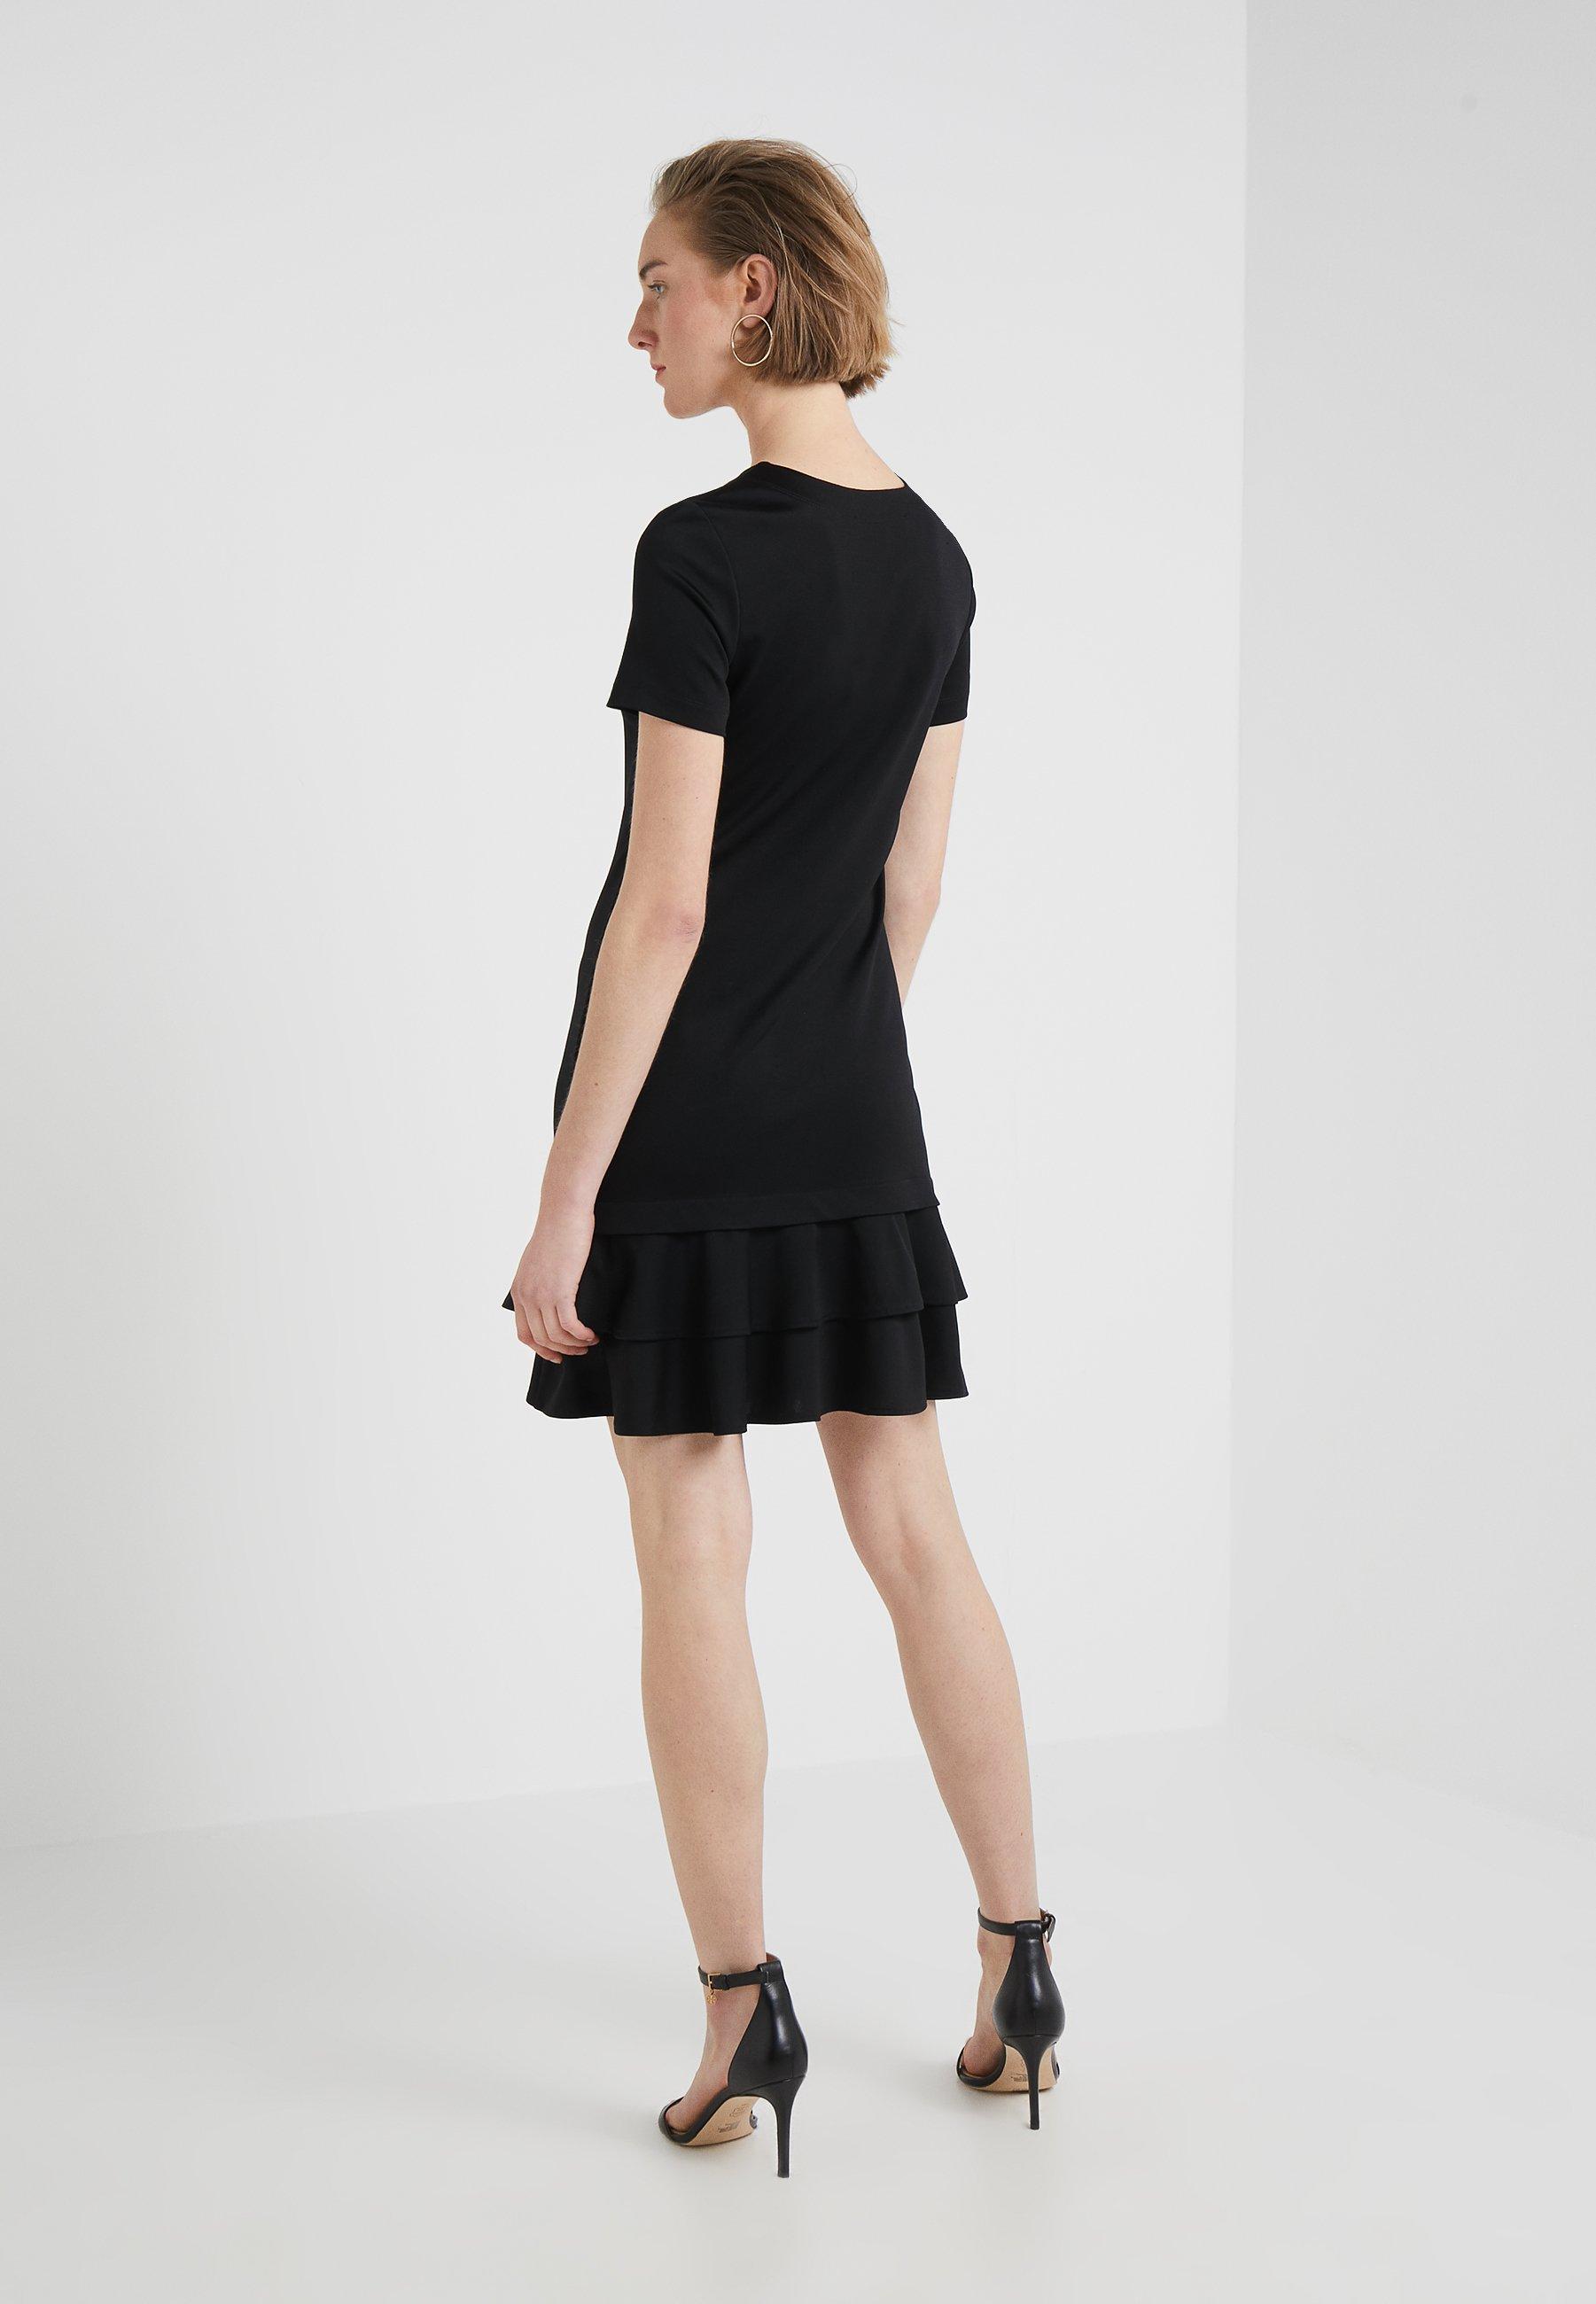 Moschino DressRobe En Love Black Jersey N8wm0nyvO